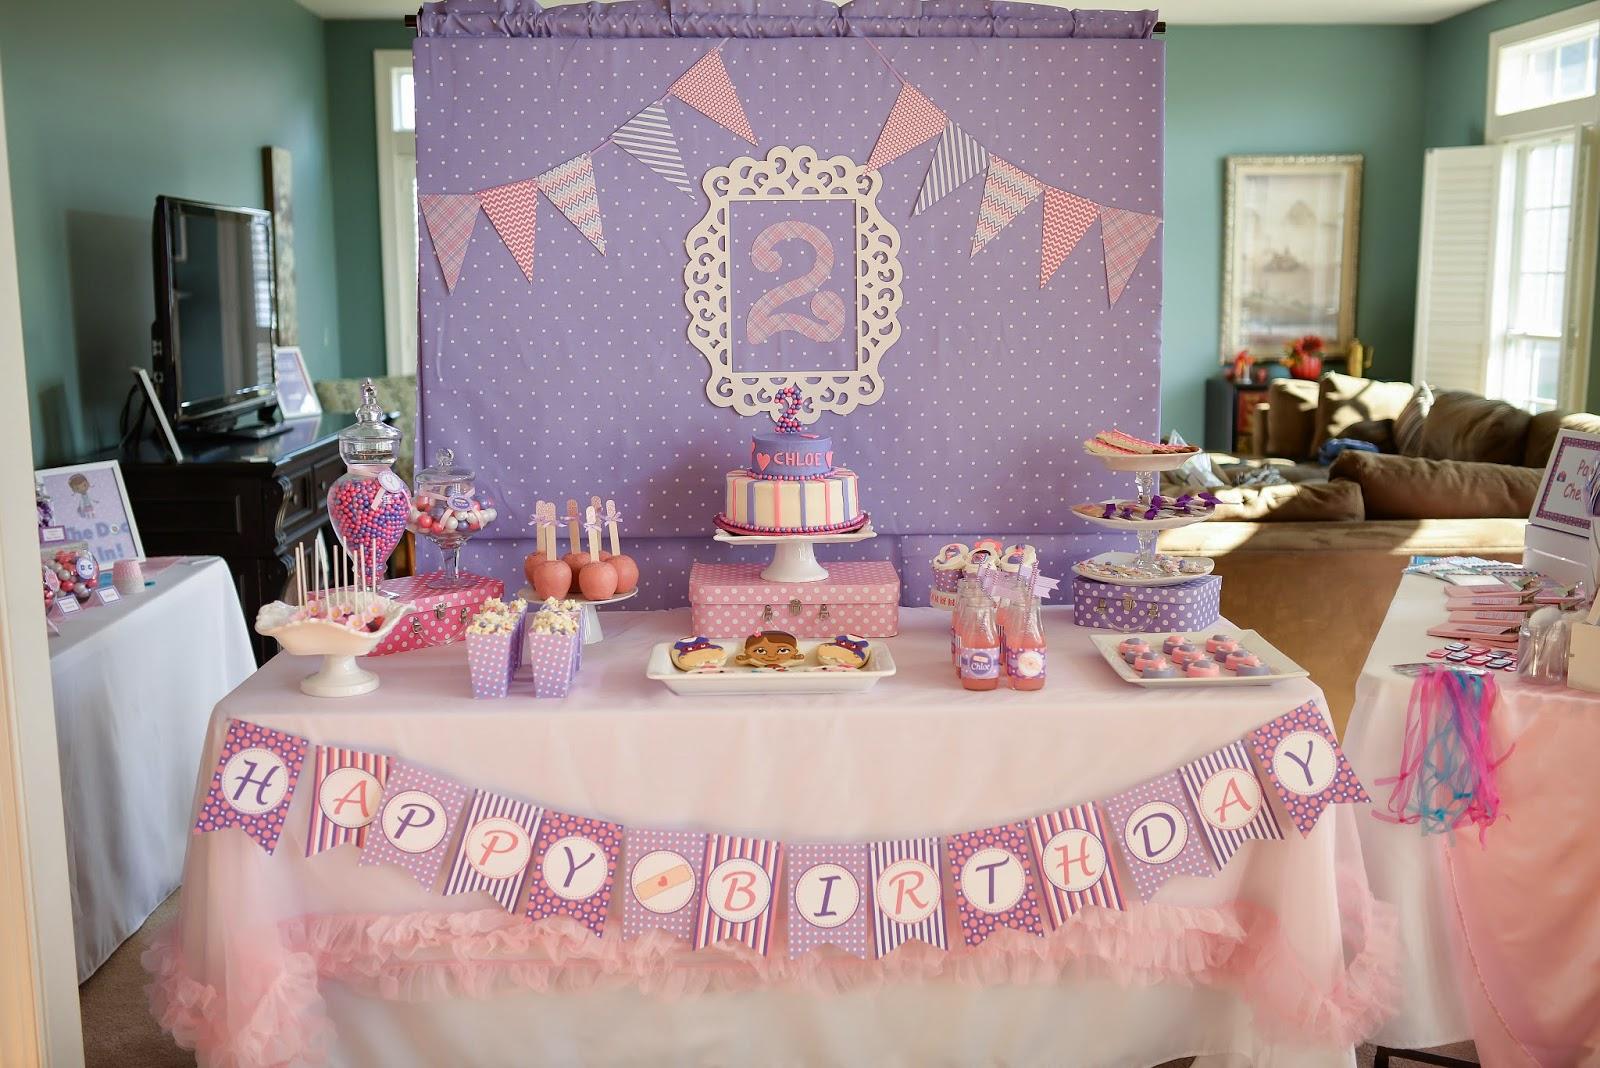 Muyamenocom Fiestas Infantiles Decoradas Con La Doctora Juguetes - Decoracion-mesas-fiestas